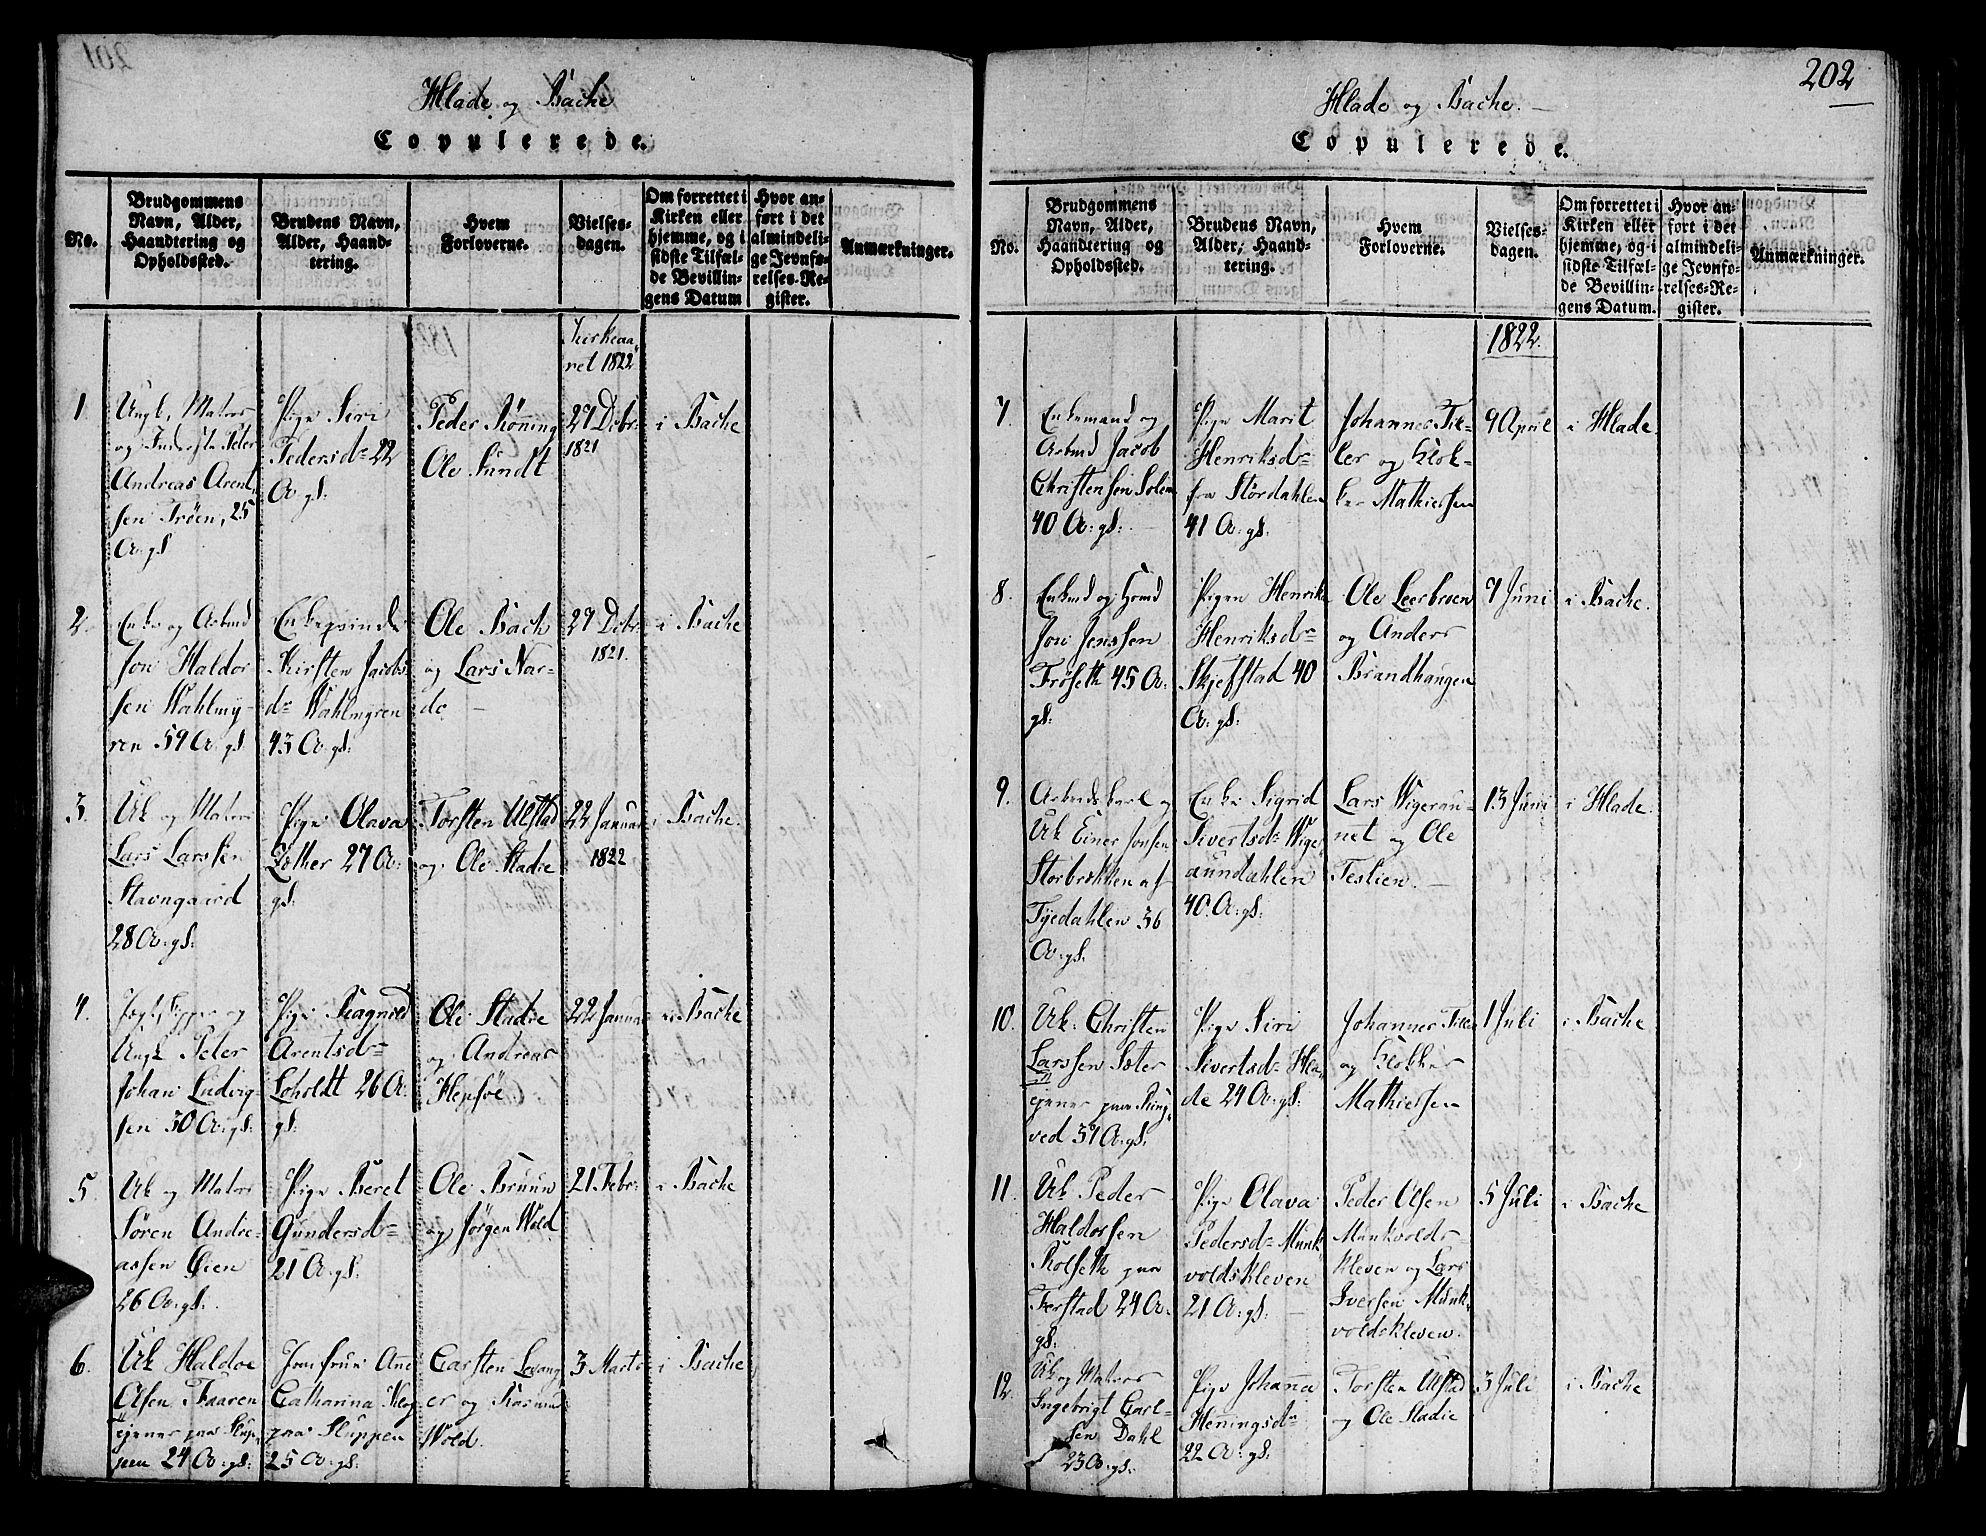 SAT, Ministerialprotokoller, klokkerbøker og fødselsregistre - Sør-Trøndelag, 606/L0283: Ministerialbok nr. 606A03 /1, 1818-1823, s. 202